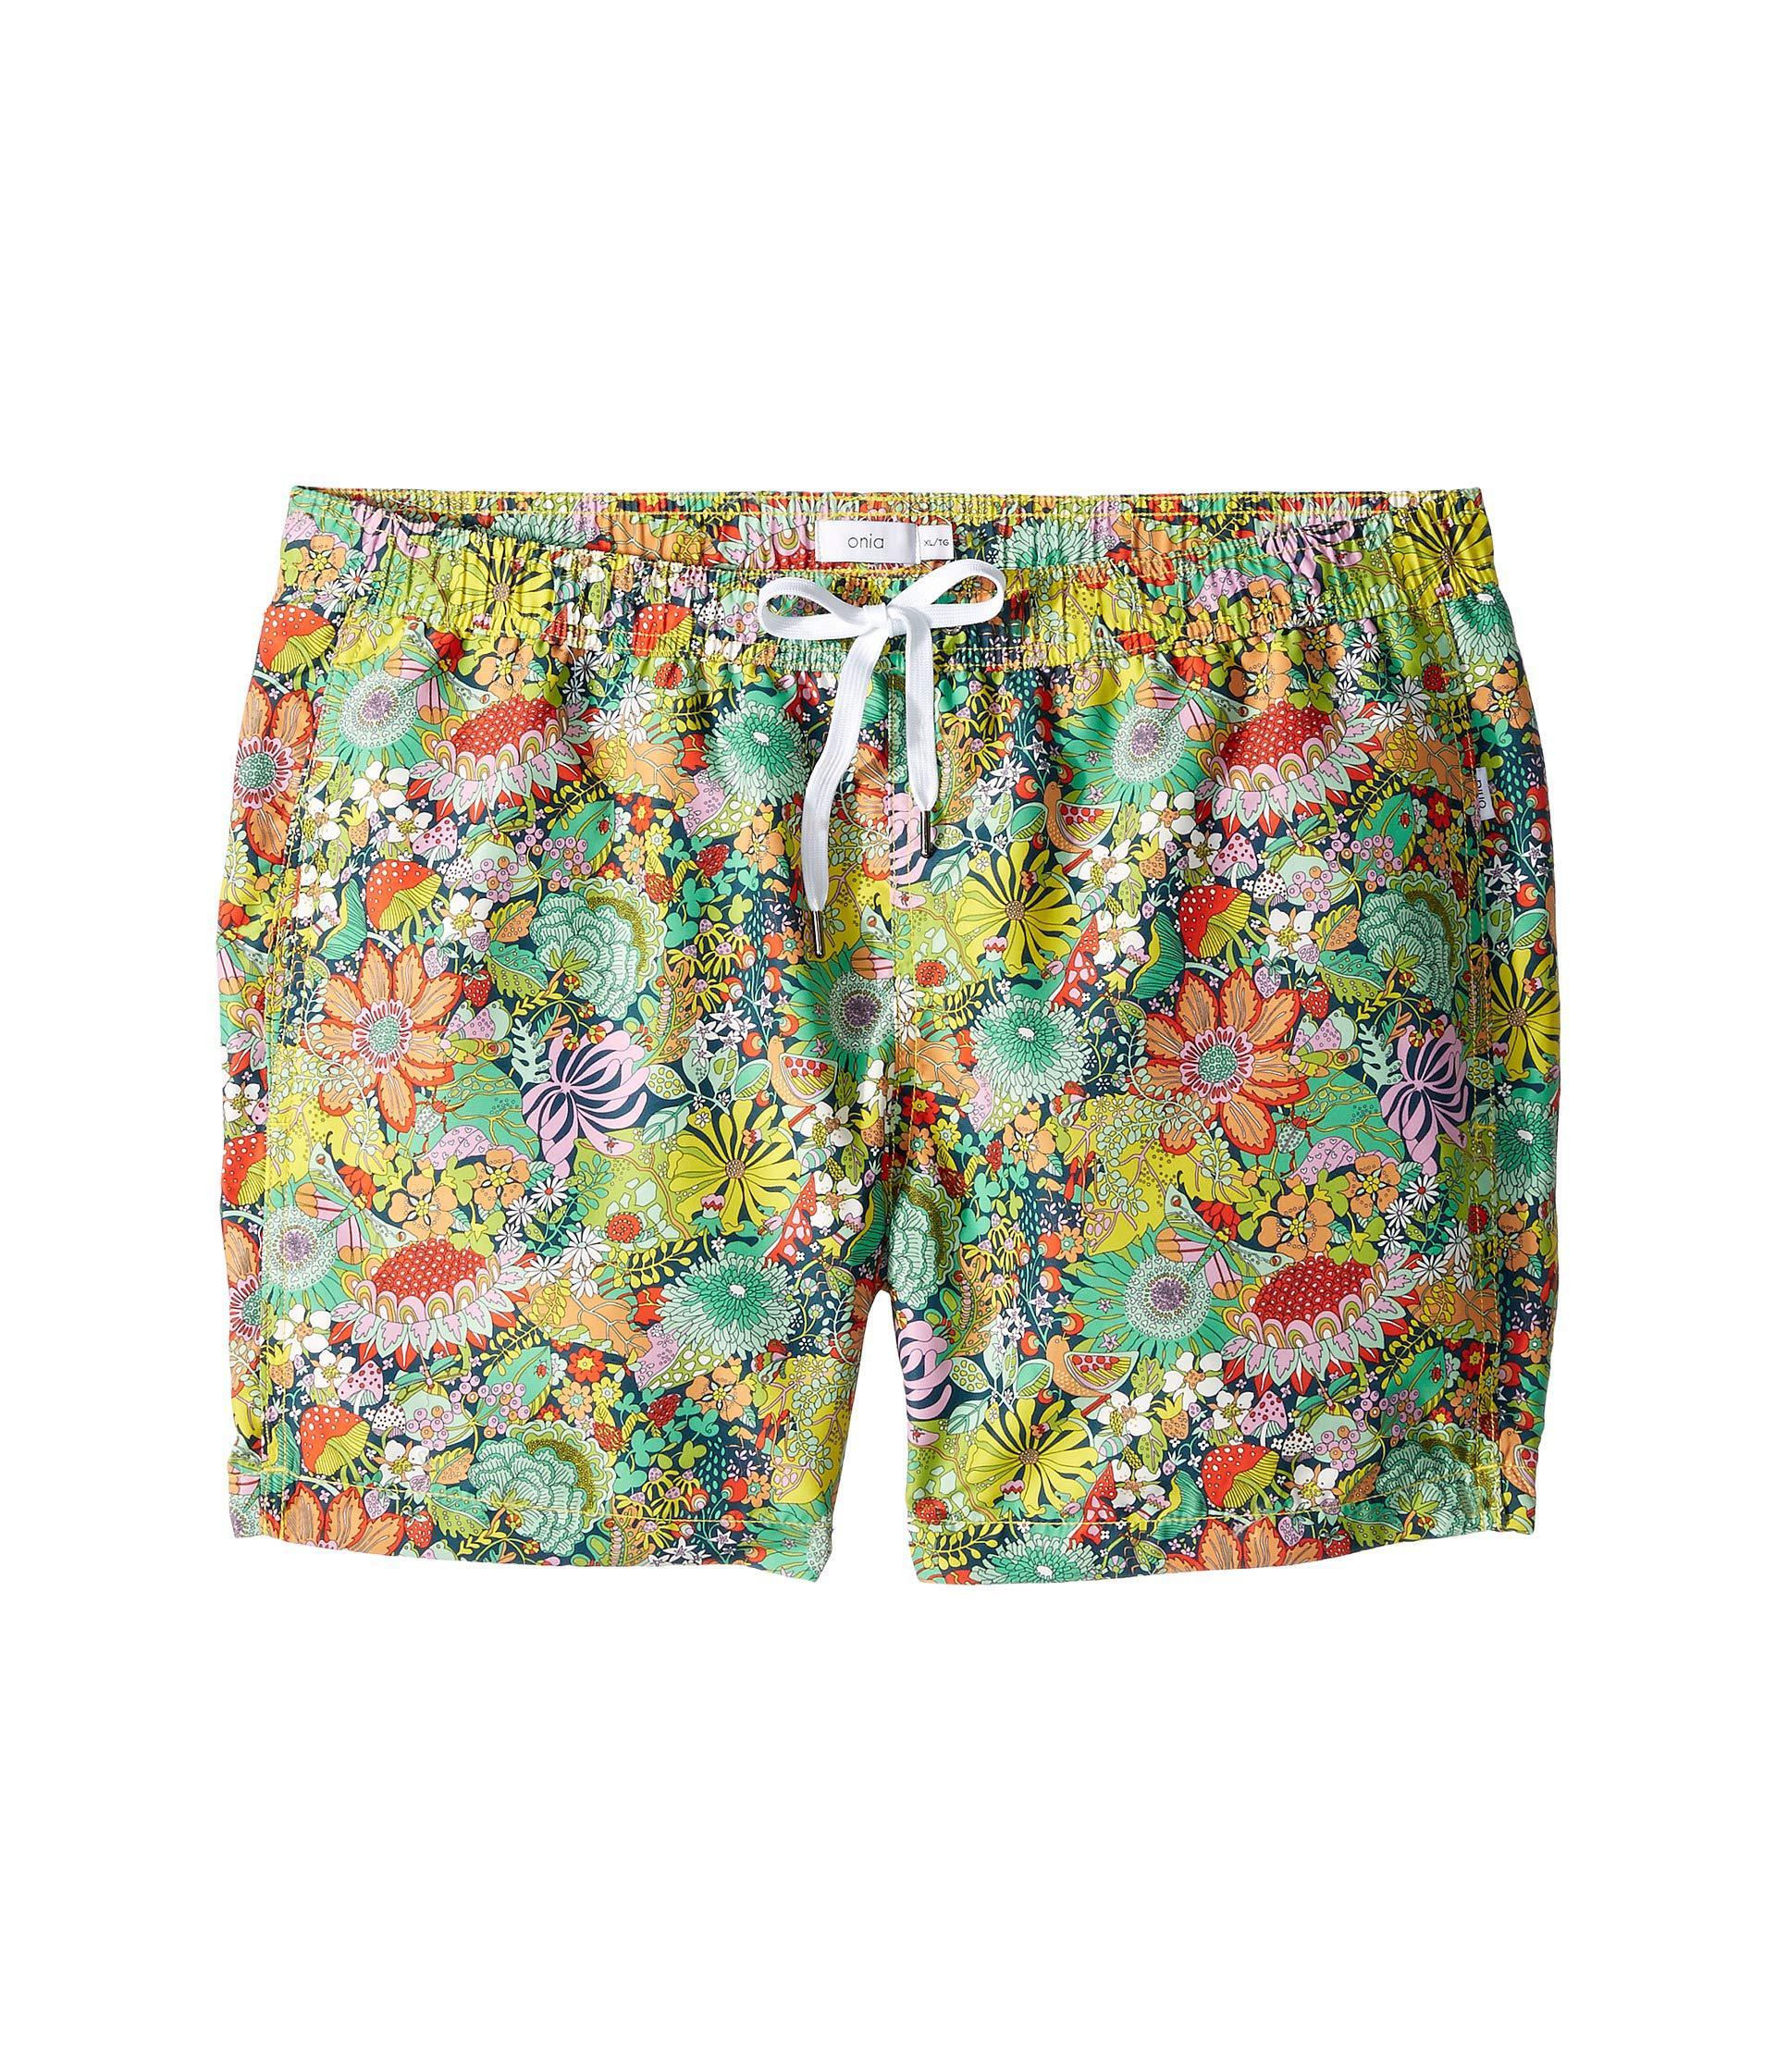 f2f924dabf Onia - Green Charles 5 (multi) Men's Swimwear for Men - Lyst. View  fullscreen